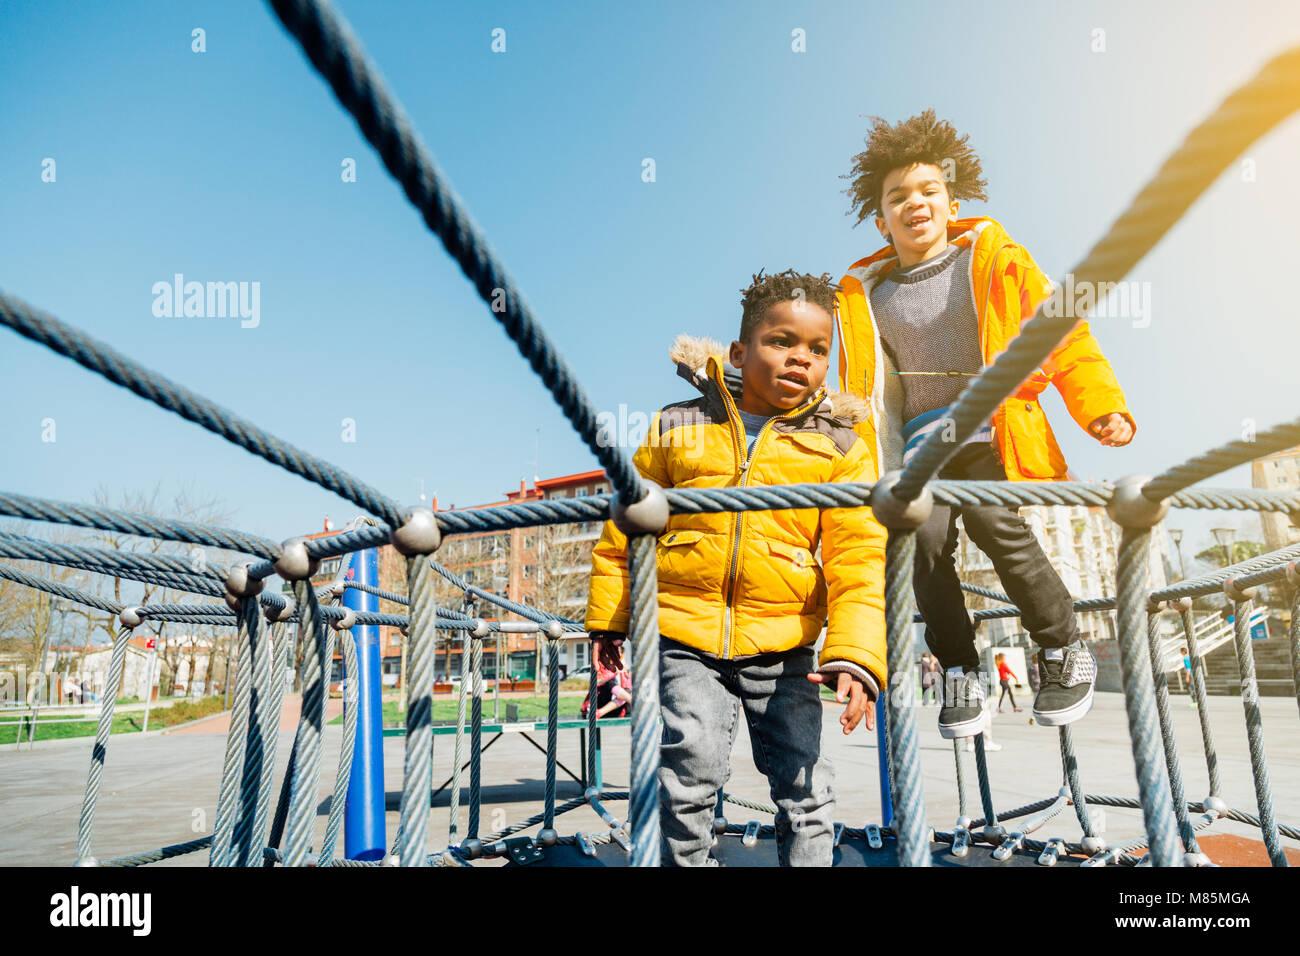 Due bambini con giallo cappotti di saltare sul letto di elastico in un parco giochi in una giornata di sole Immagini Stock